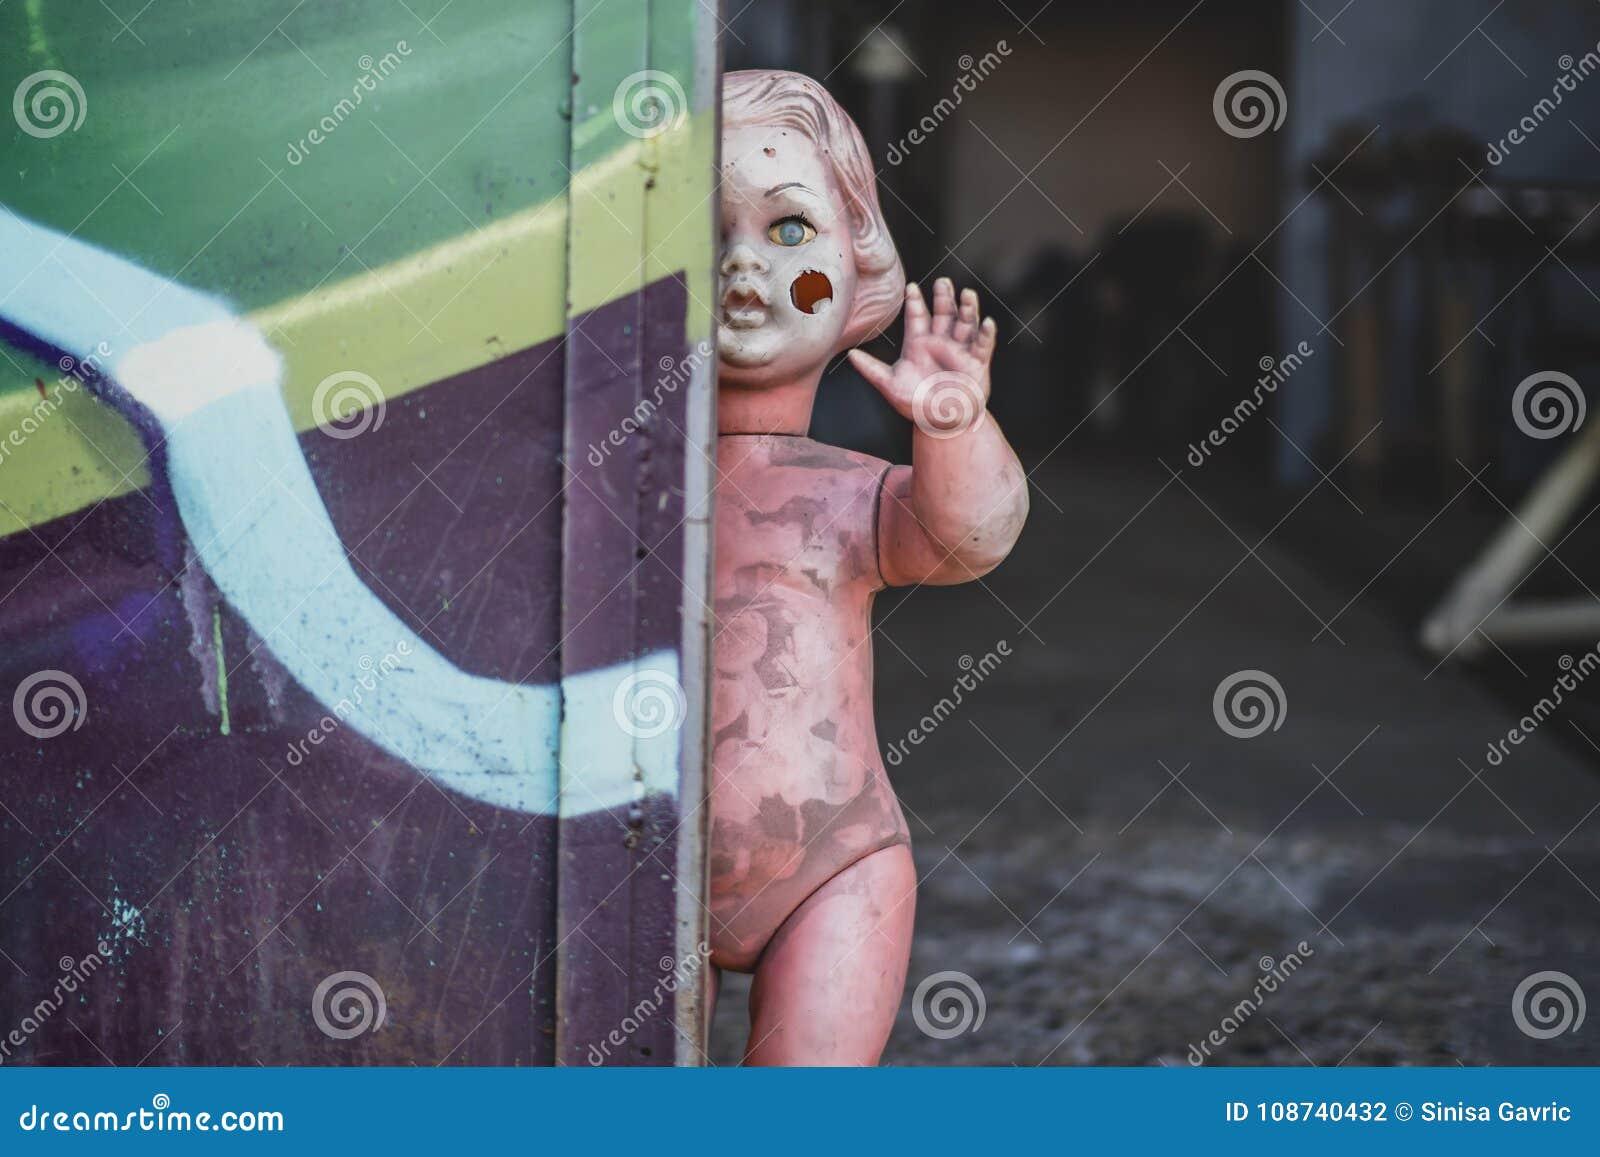 Schmutziges nacktes Plastikbaby - Puppe, welche die Tür am schauenden Metallshop unheimliches und gejagtes Spinnen bereitsteht